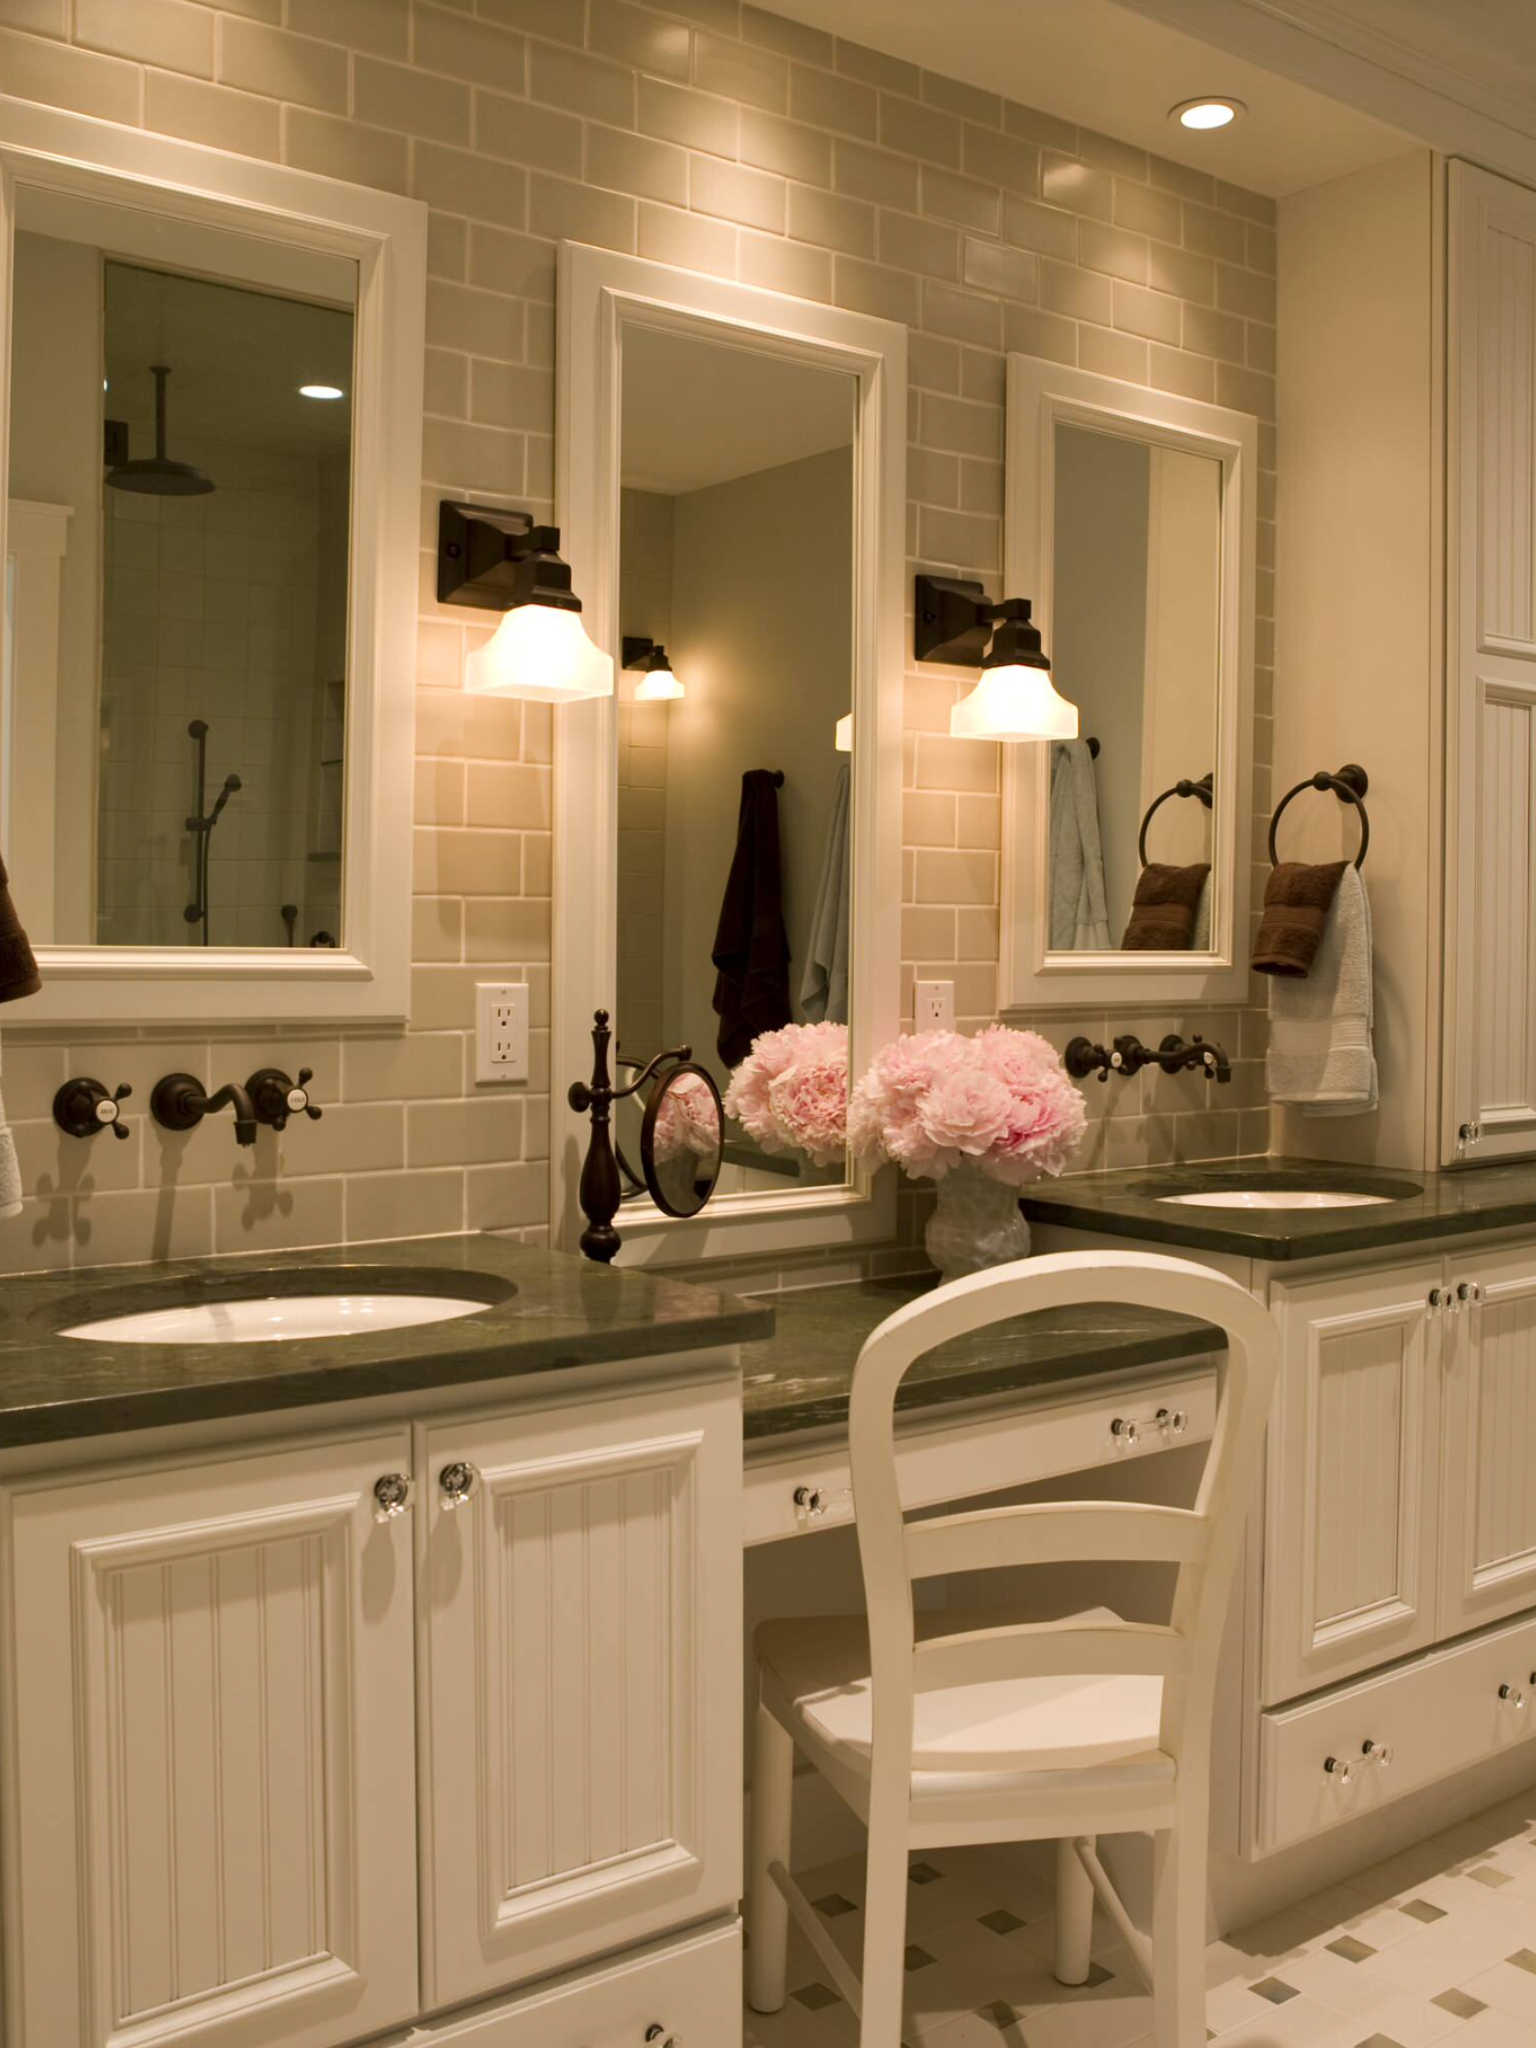 Traditional Double Sink Bathroom Vanity